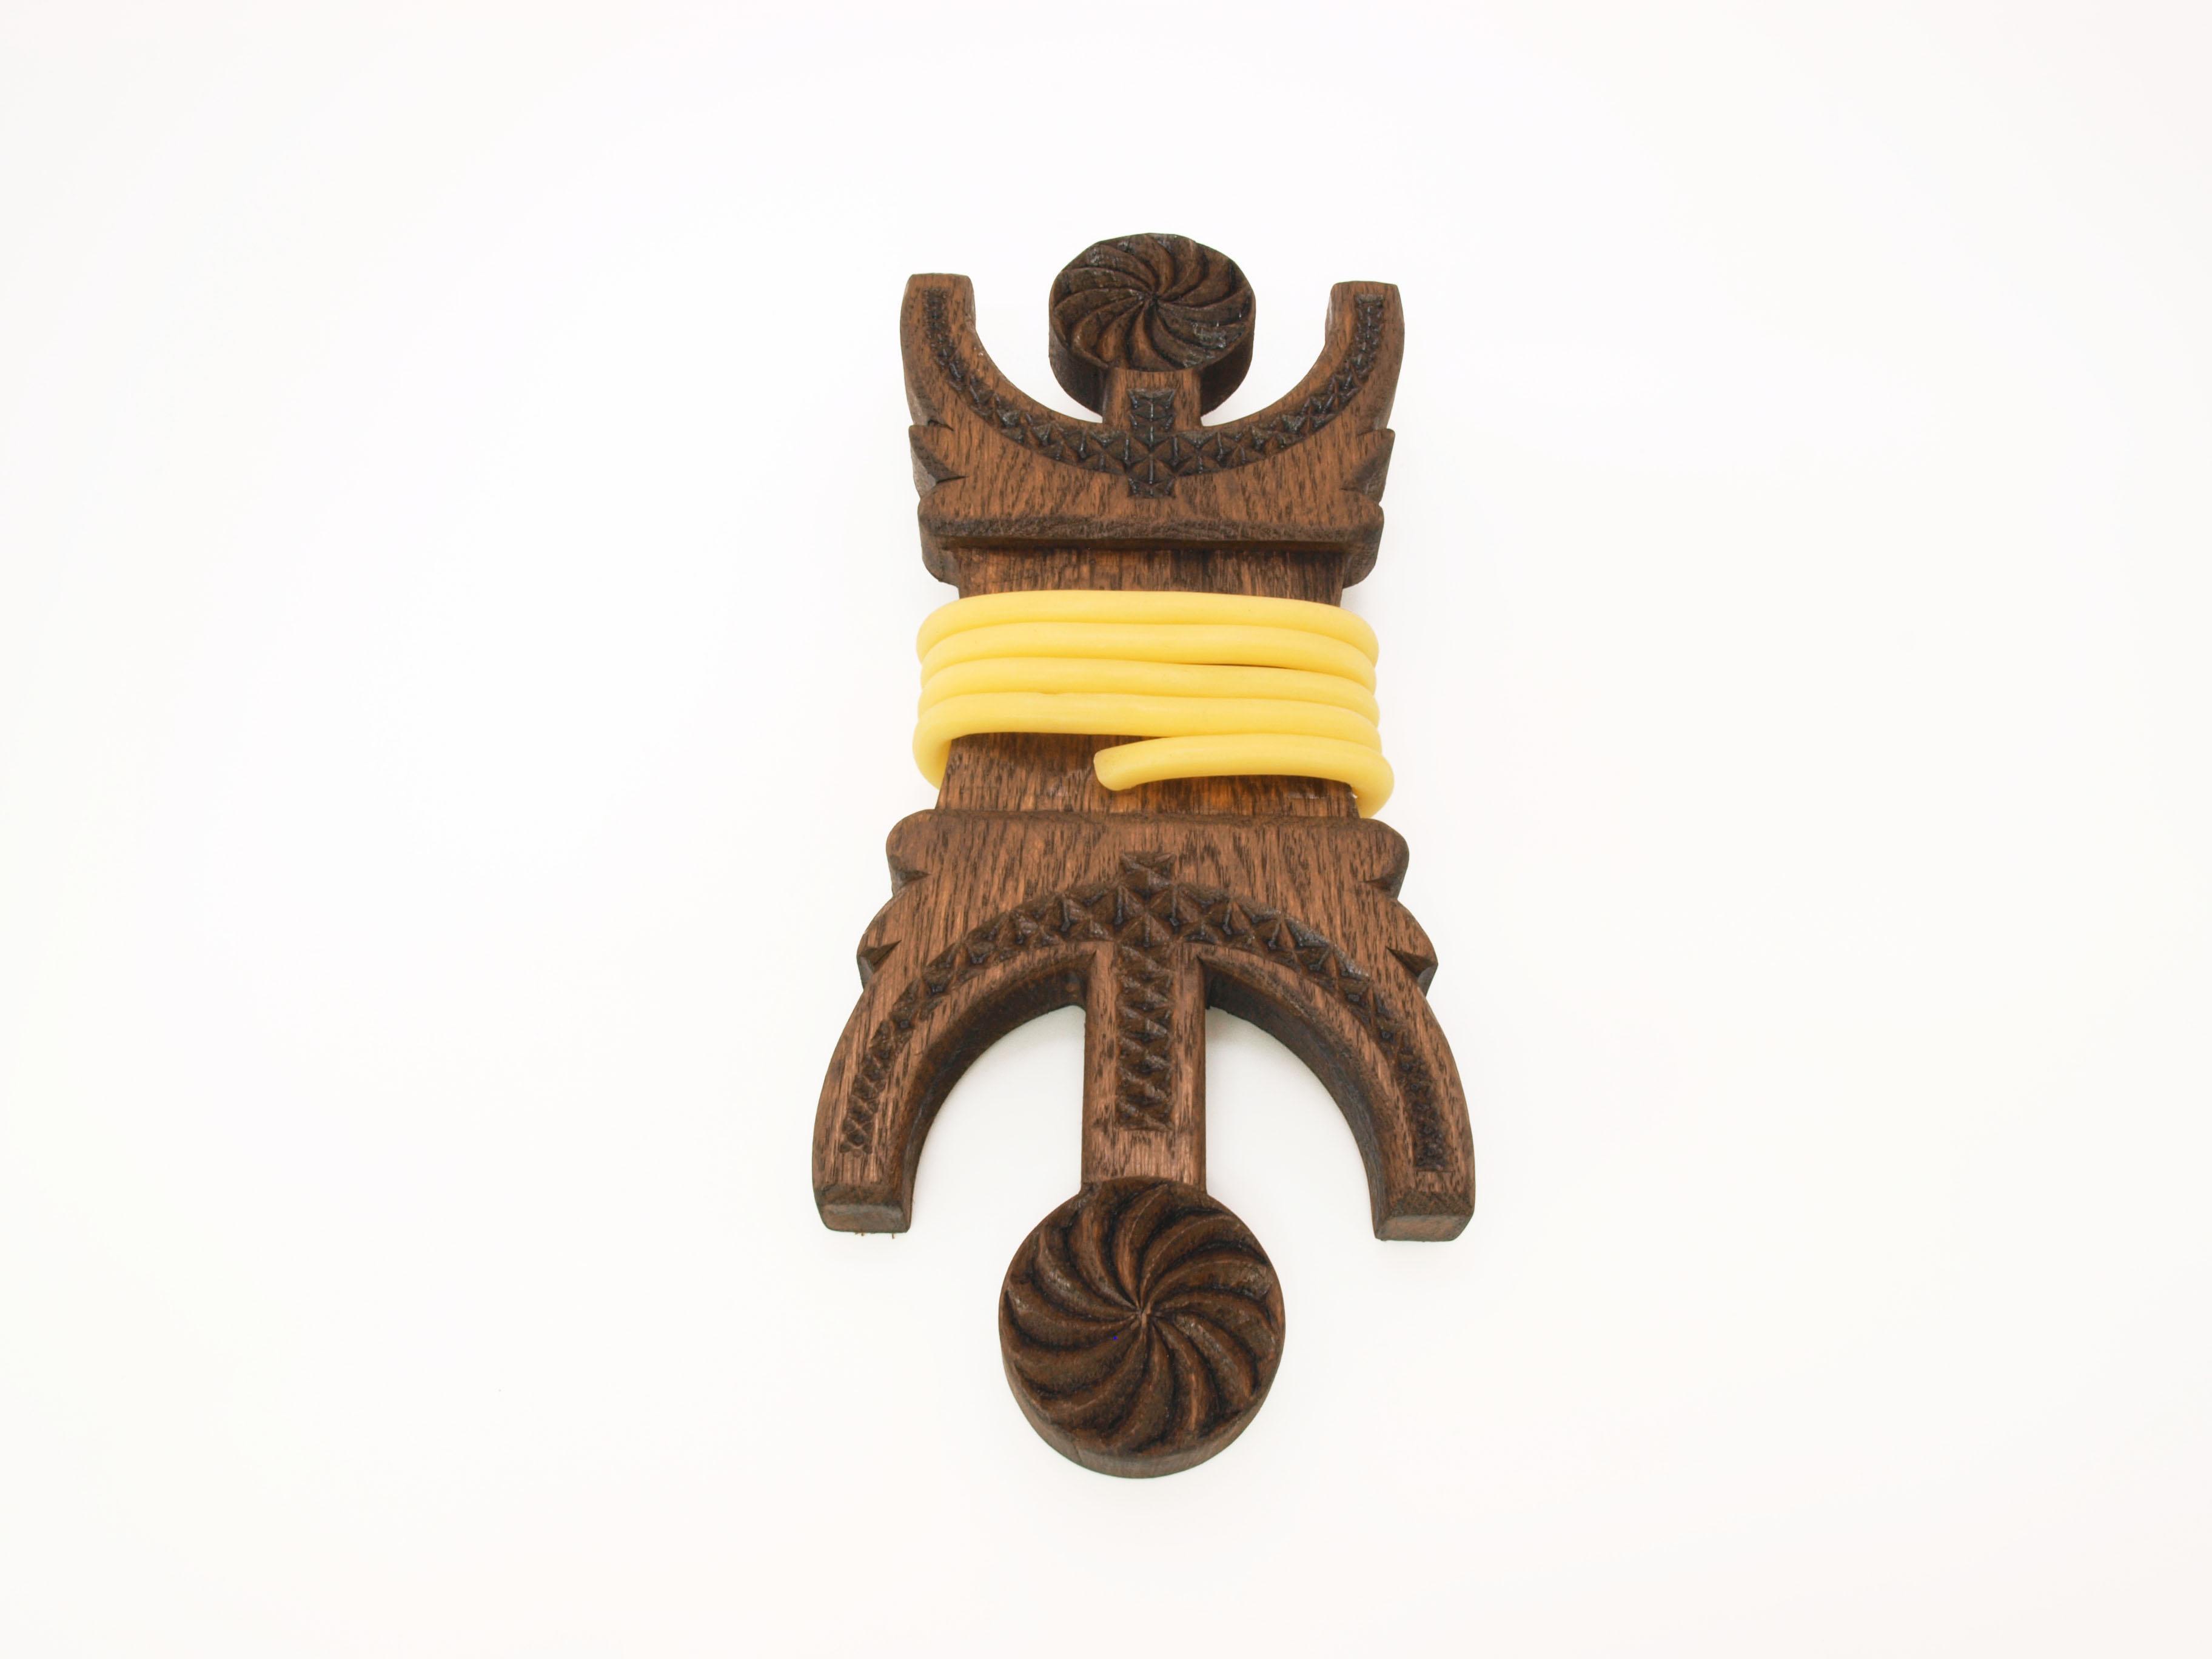 Argizaiola tallada en madera de roble